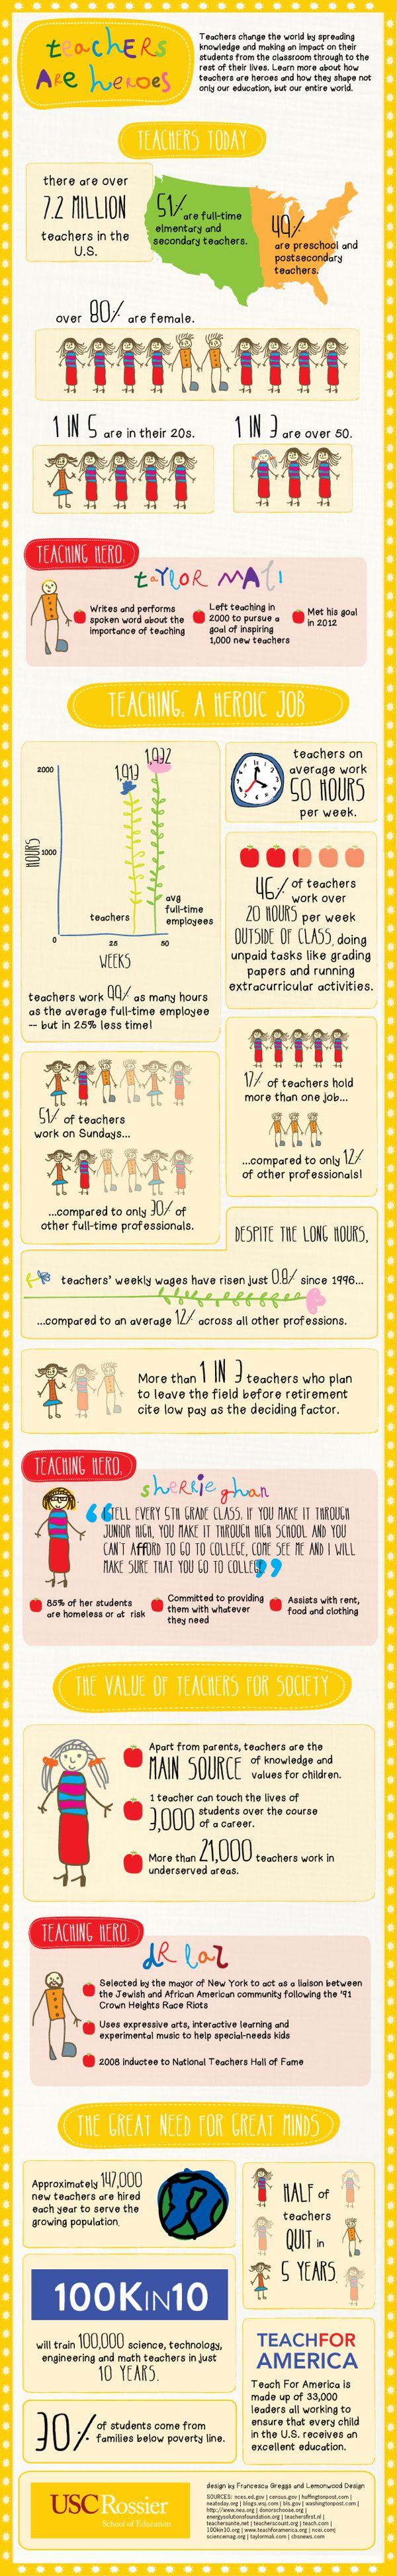 Los profesores son unos verdaderos héroes. Infografia.